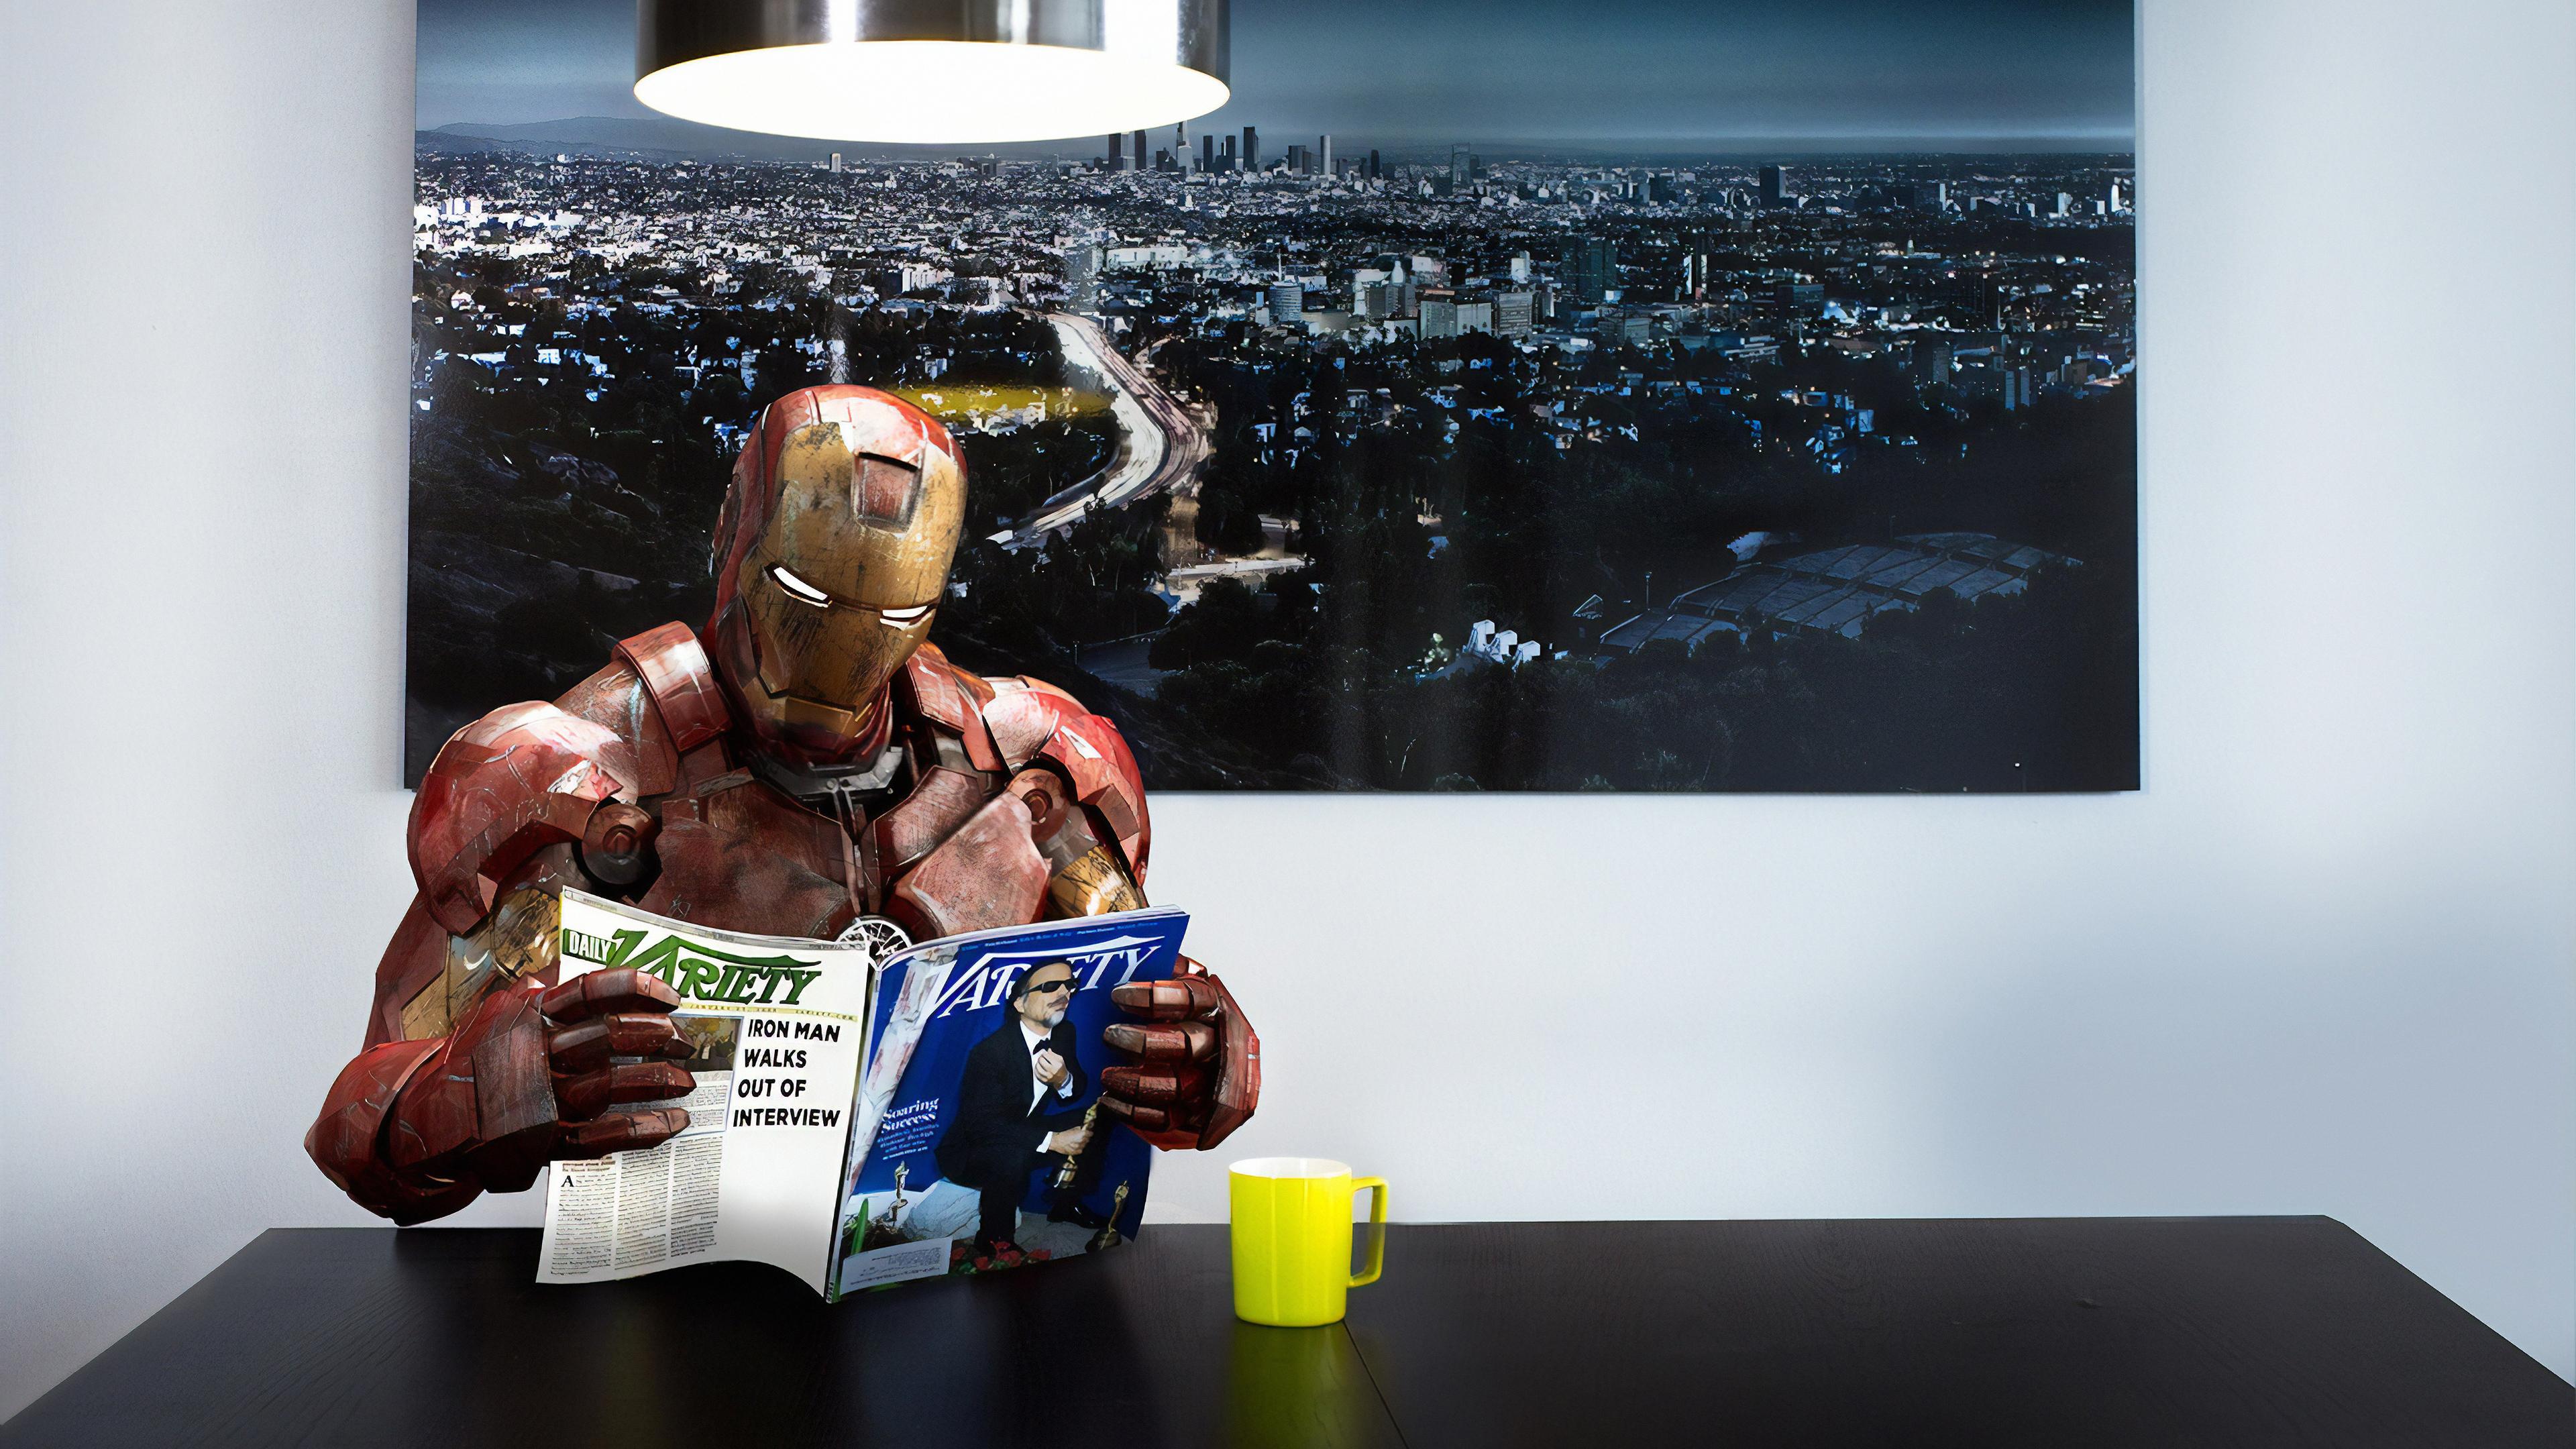 iron man reading magazine 1570394569 - Iron Man Reading Magazine - superheroes wallpapers, iron man wallpapers, hd-wallpapers, digital art wallpapers, behance wallpapers, artwork wallpapers, 4k-wallpapers